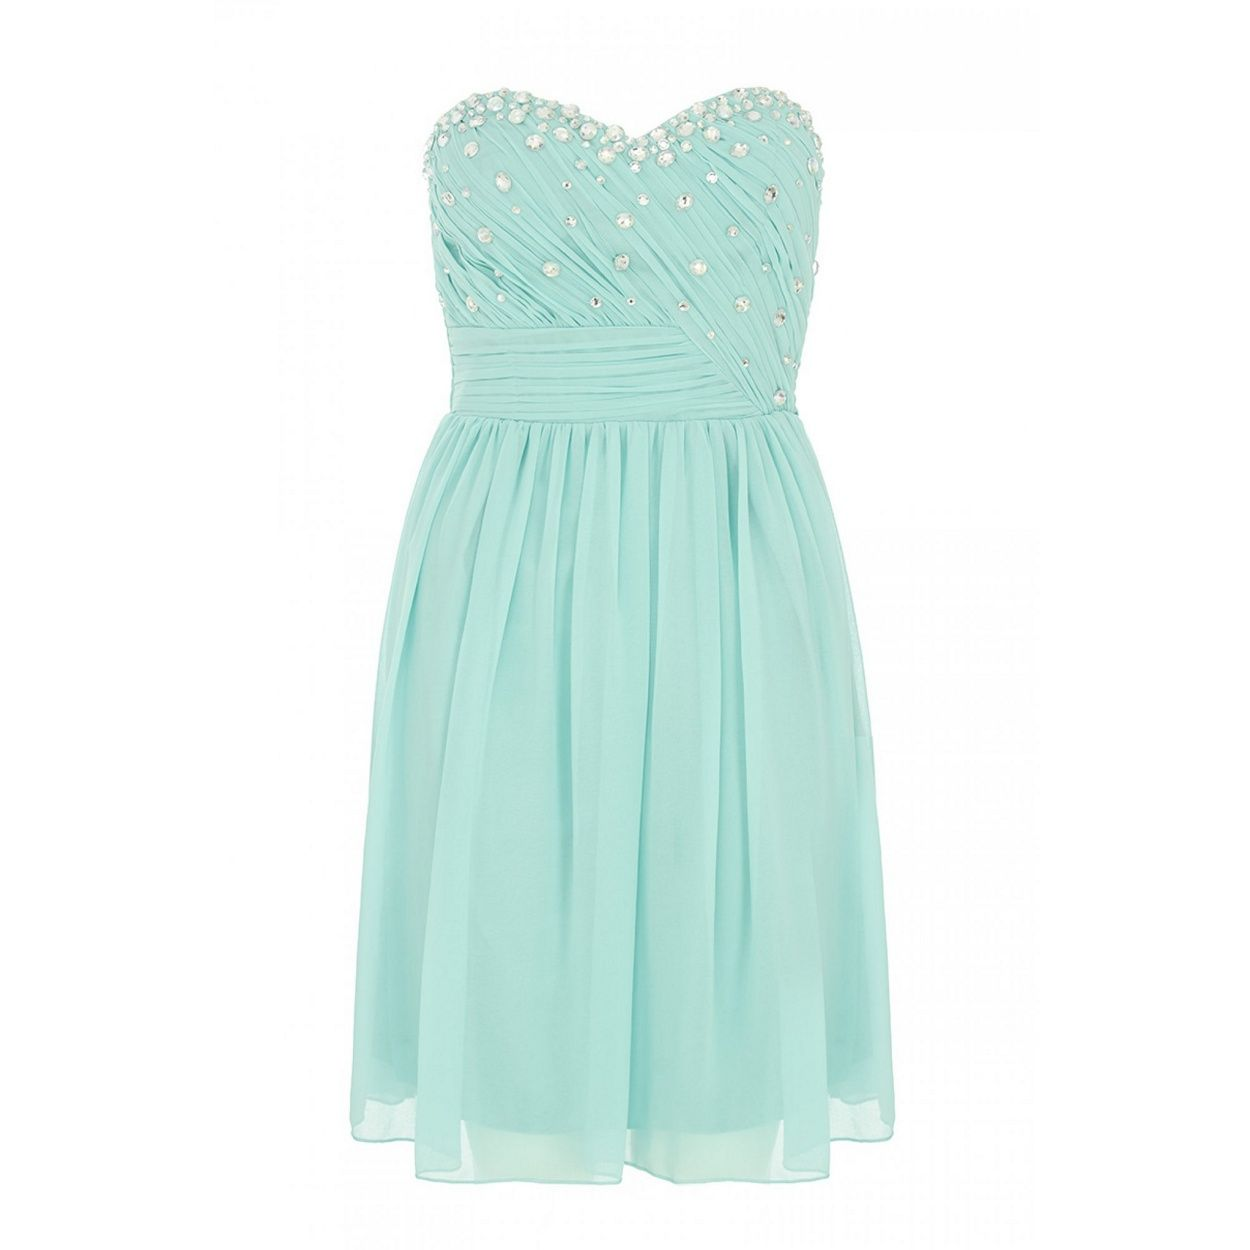 Quiz aqua and silver chiffon prom dress at debenhams sewing